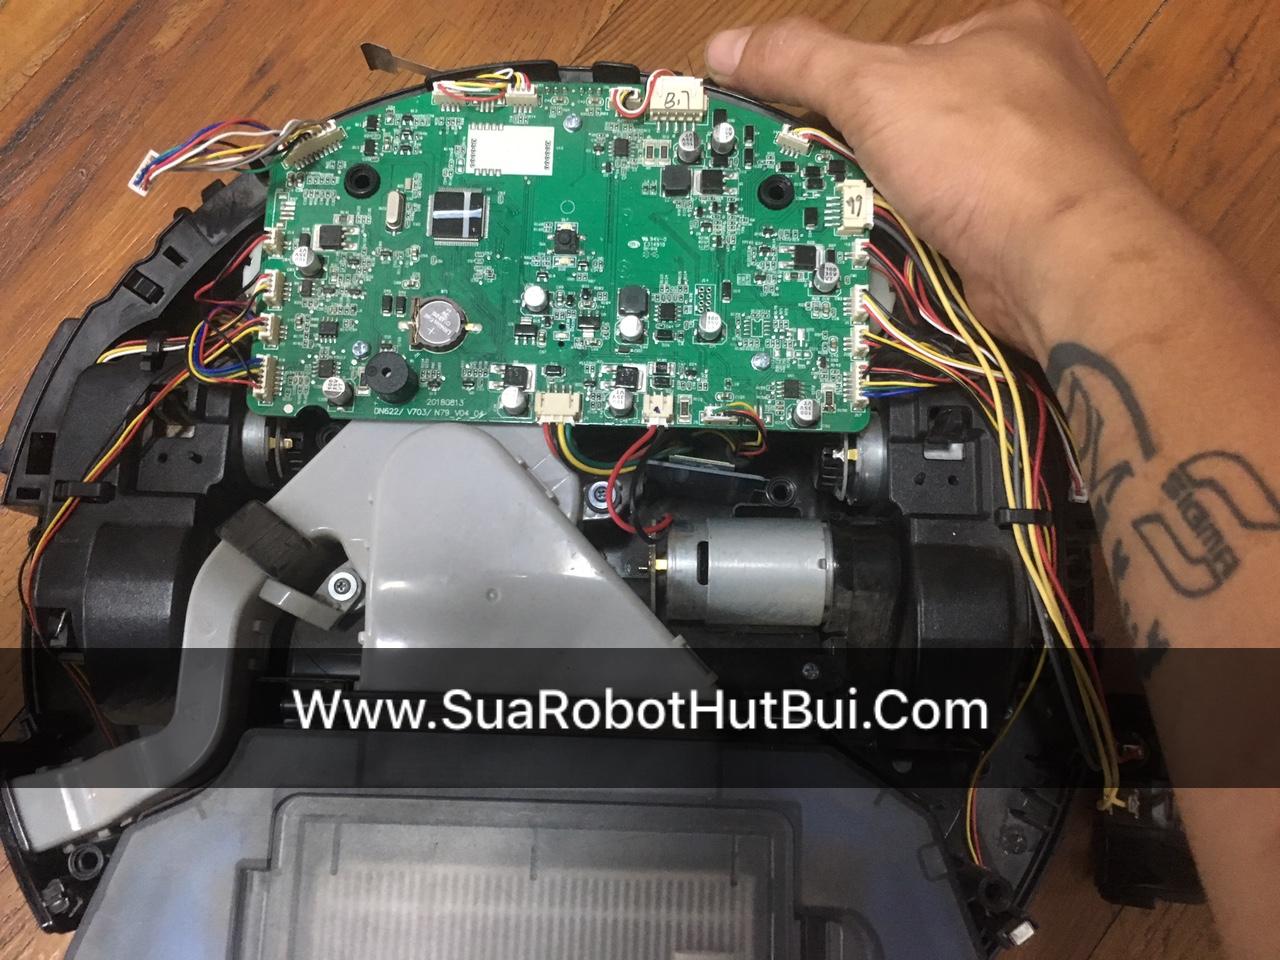 Sửa robot hút bụi Deebot DN622